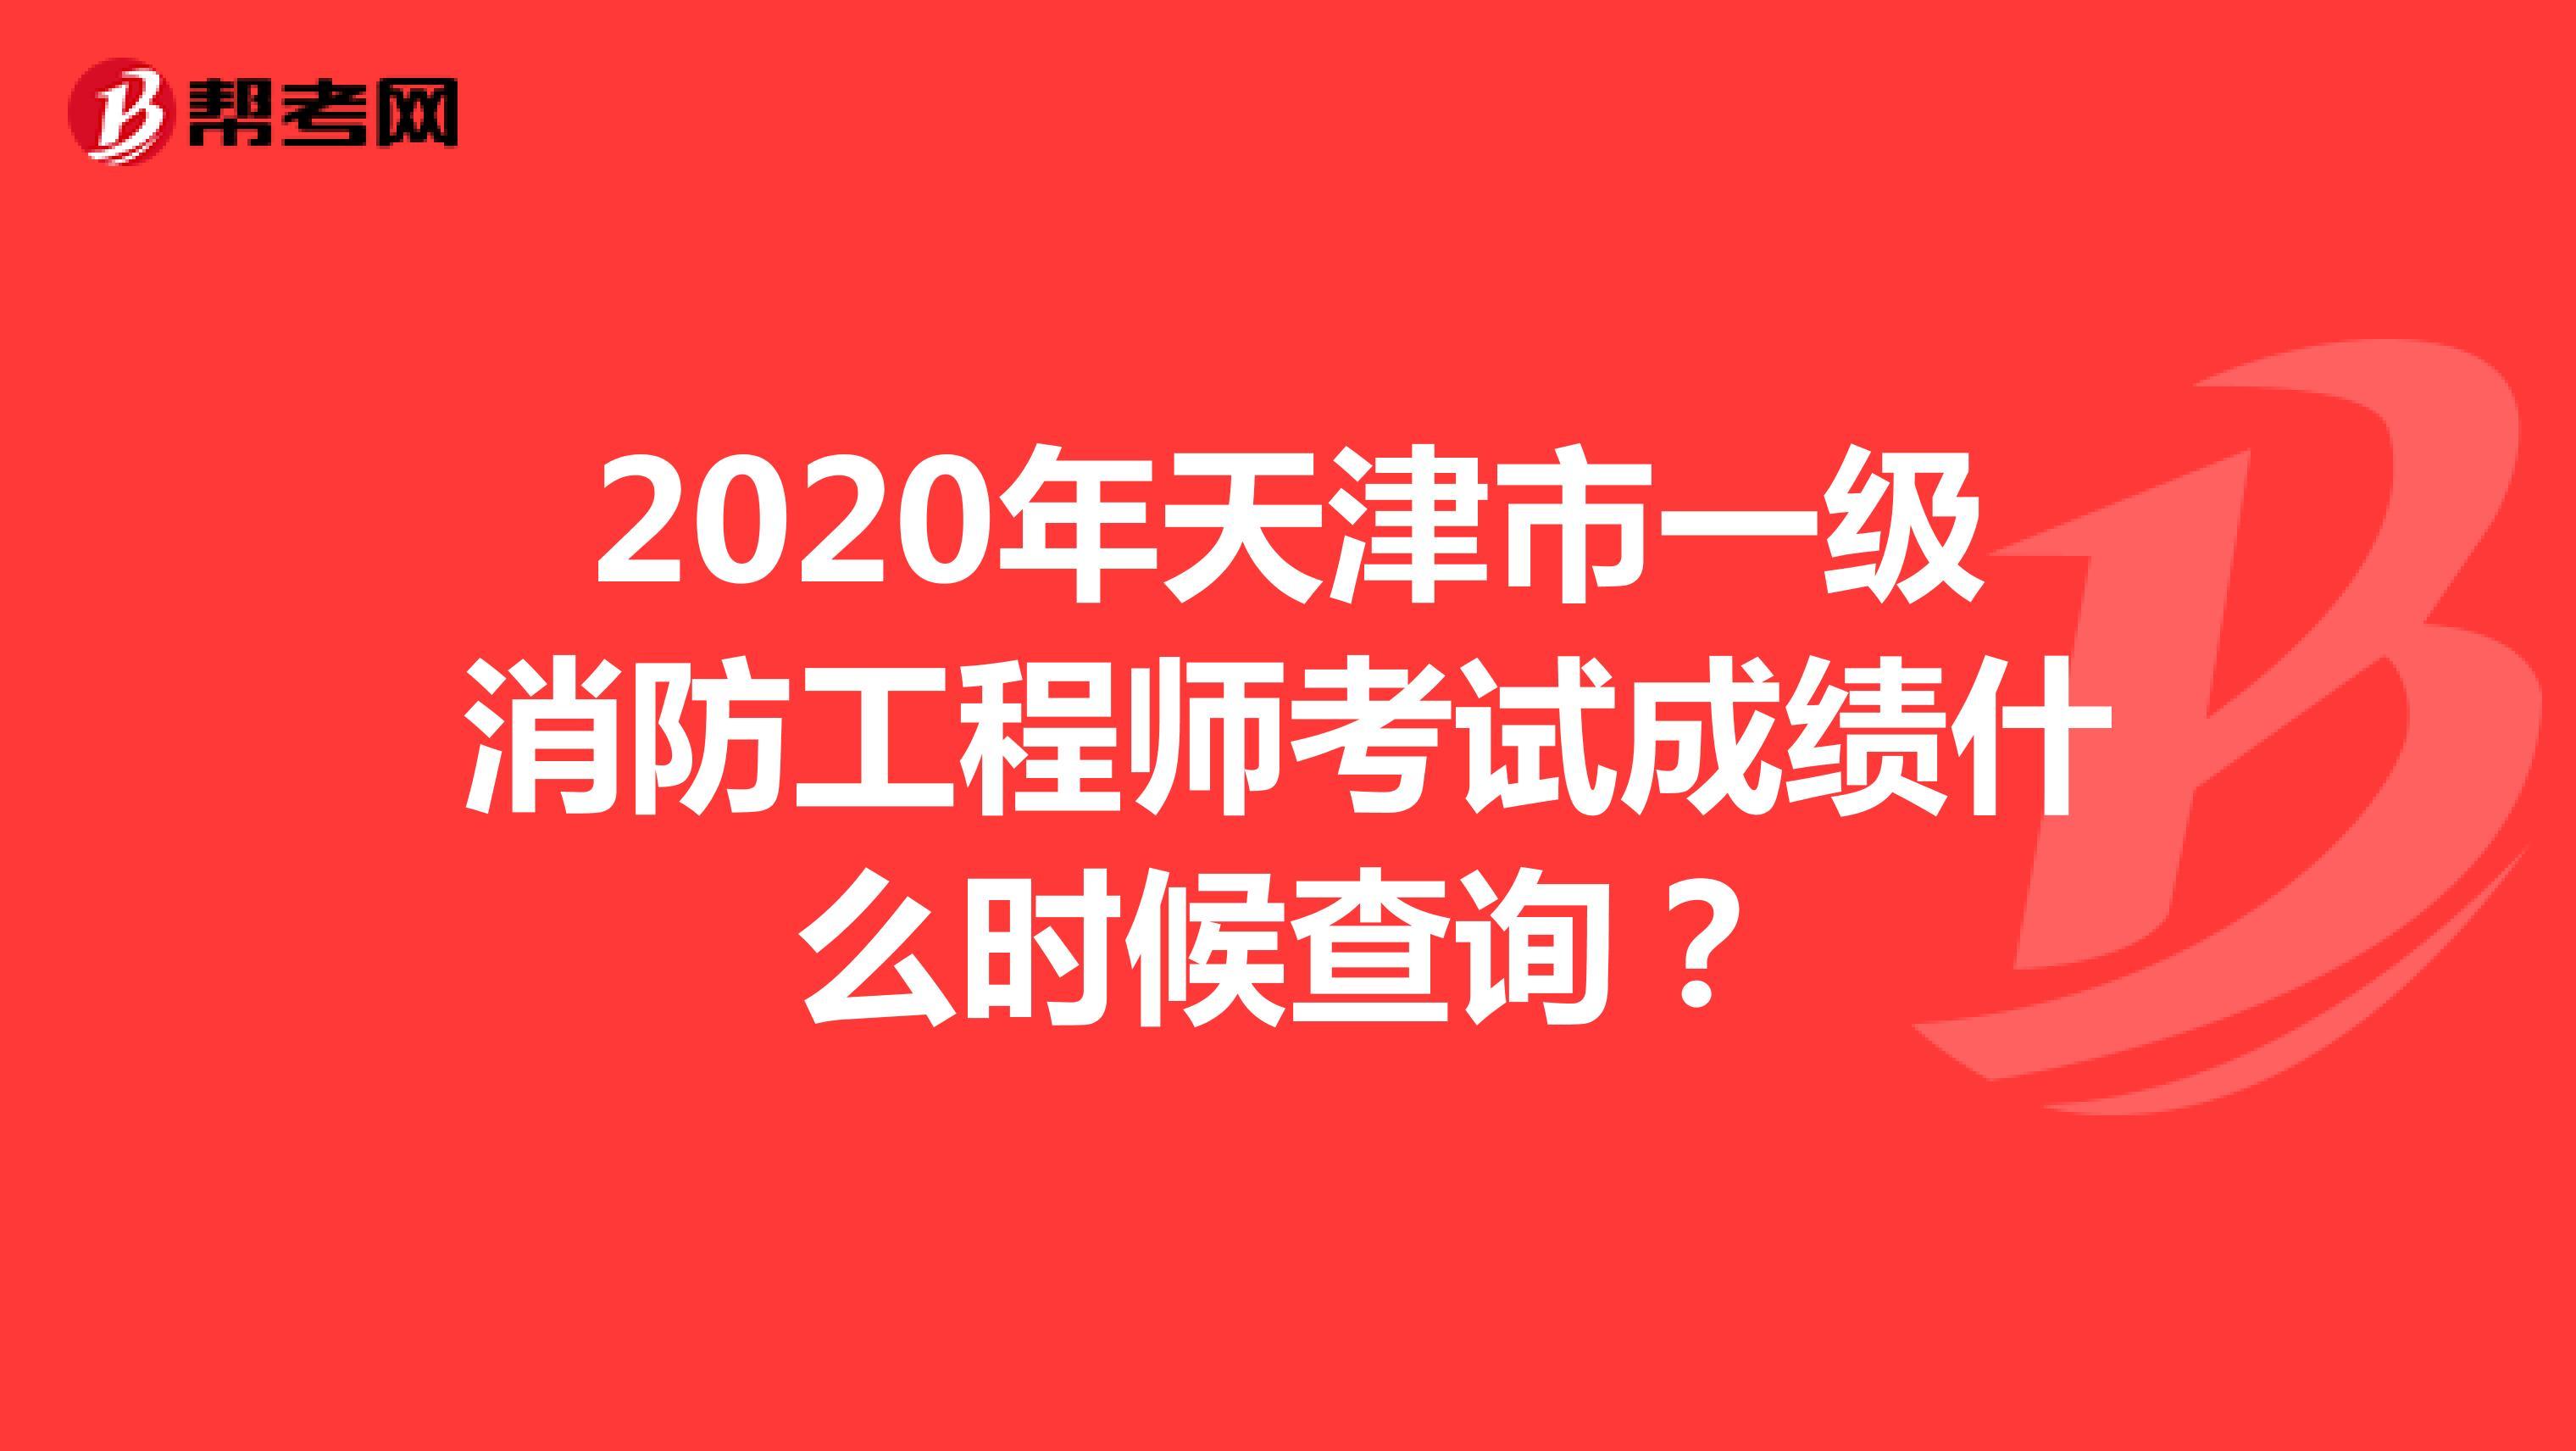 2020年吉林省一級消防工程師考試成績什么時候查詢?